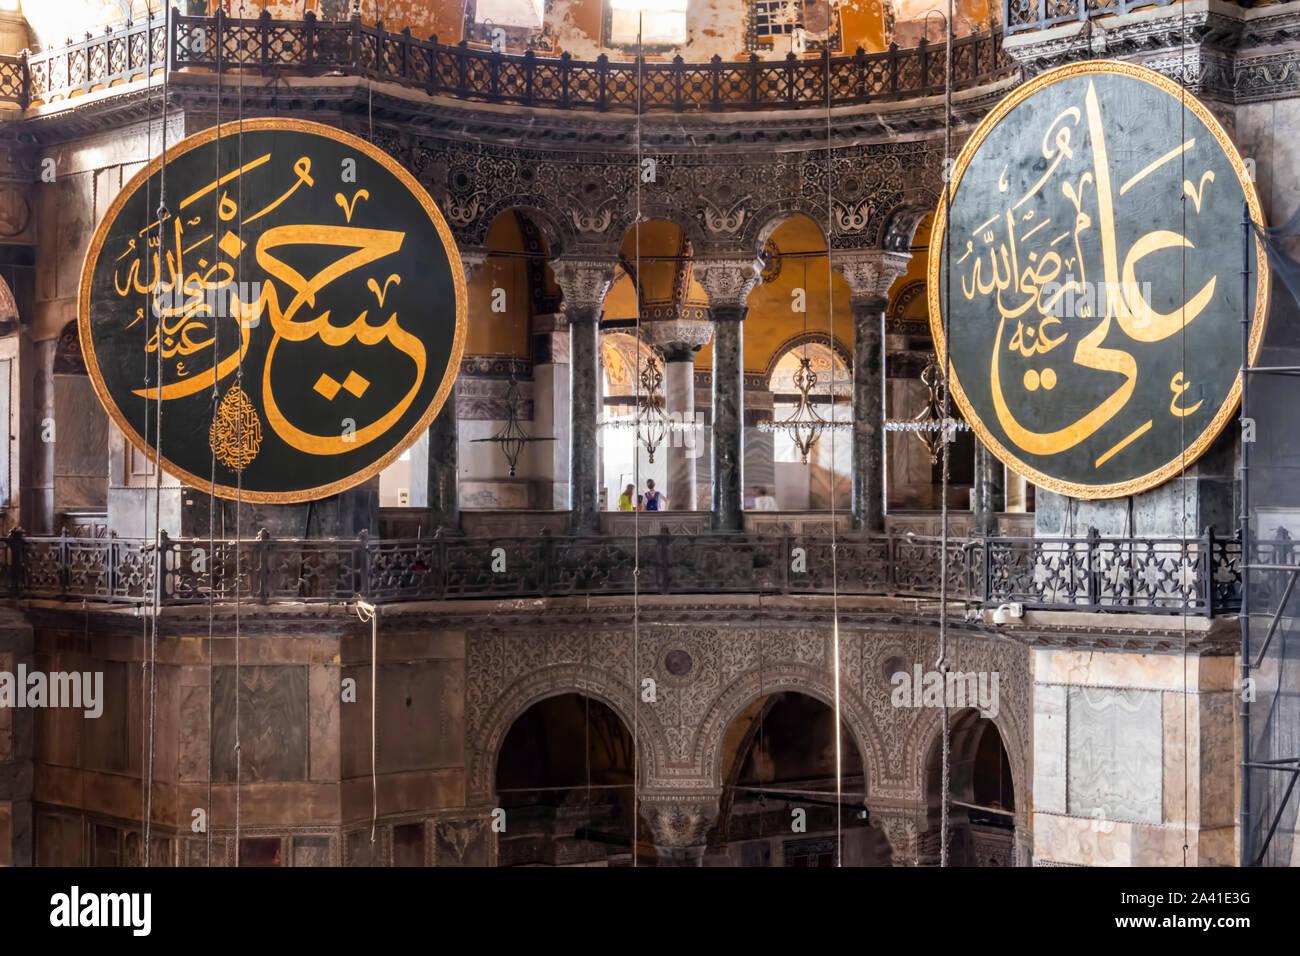 sultanahmet,istanbul,turkey-augut 3,2019.interior view from hagia sophia museum in istanbul Stock Photo